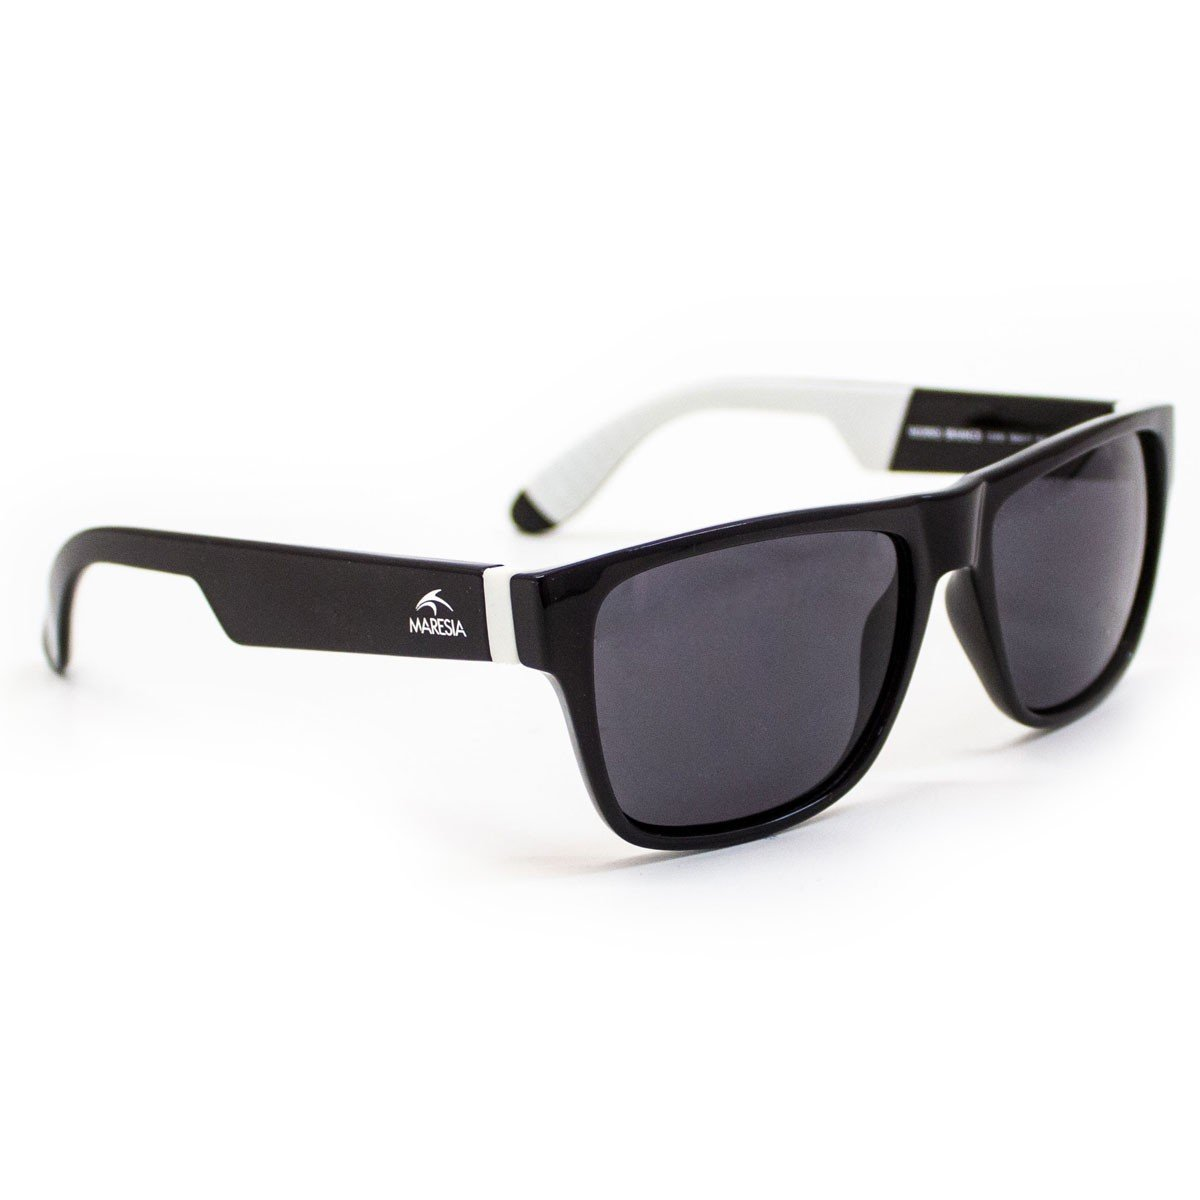 Oculos de Sol de Policarbonato Maresia - Compre Agora   Netshoes 2d8b049183